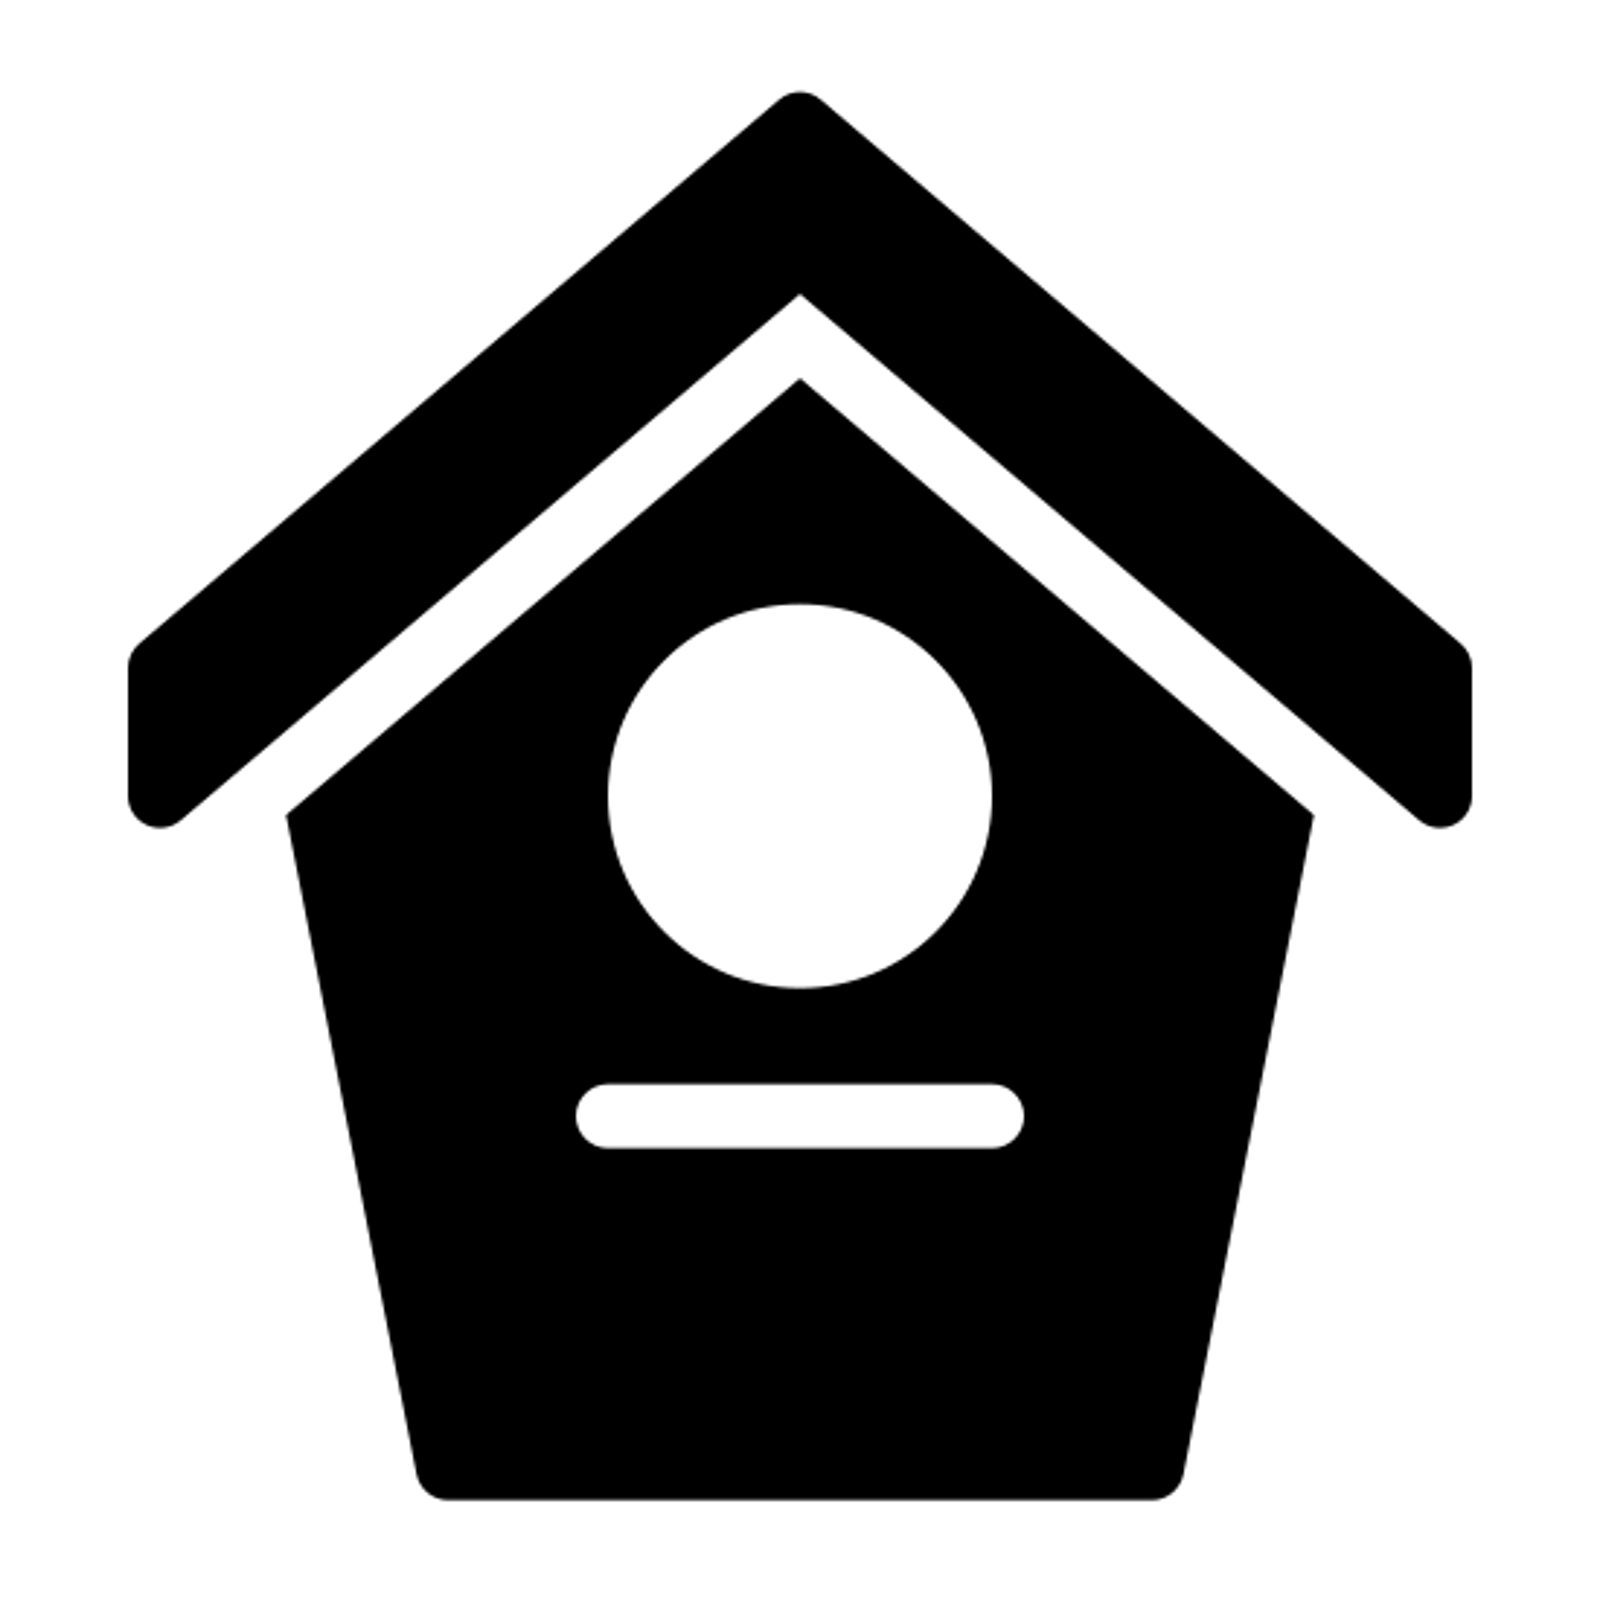 Vogelhaus icon